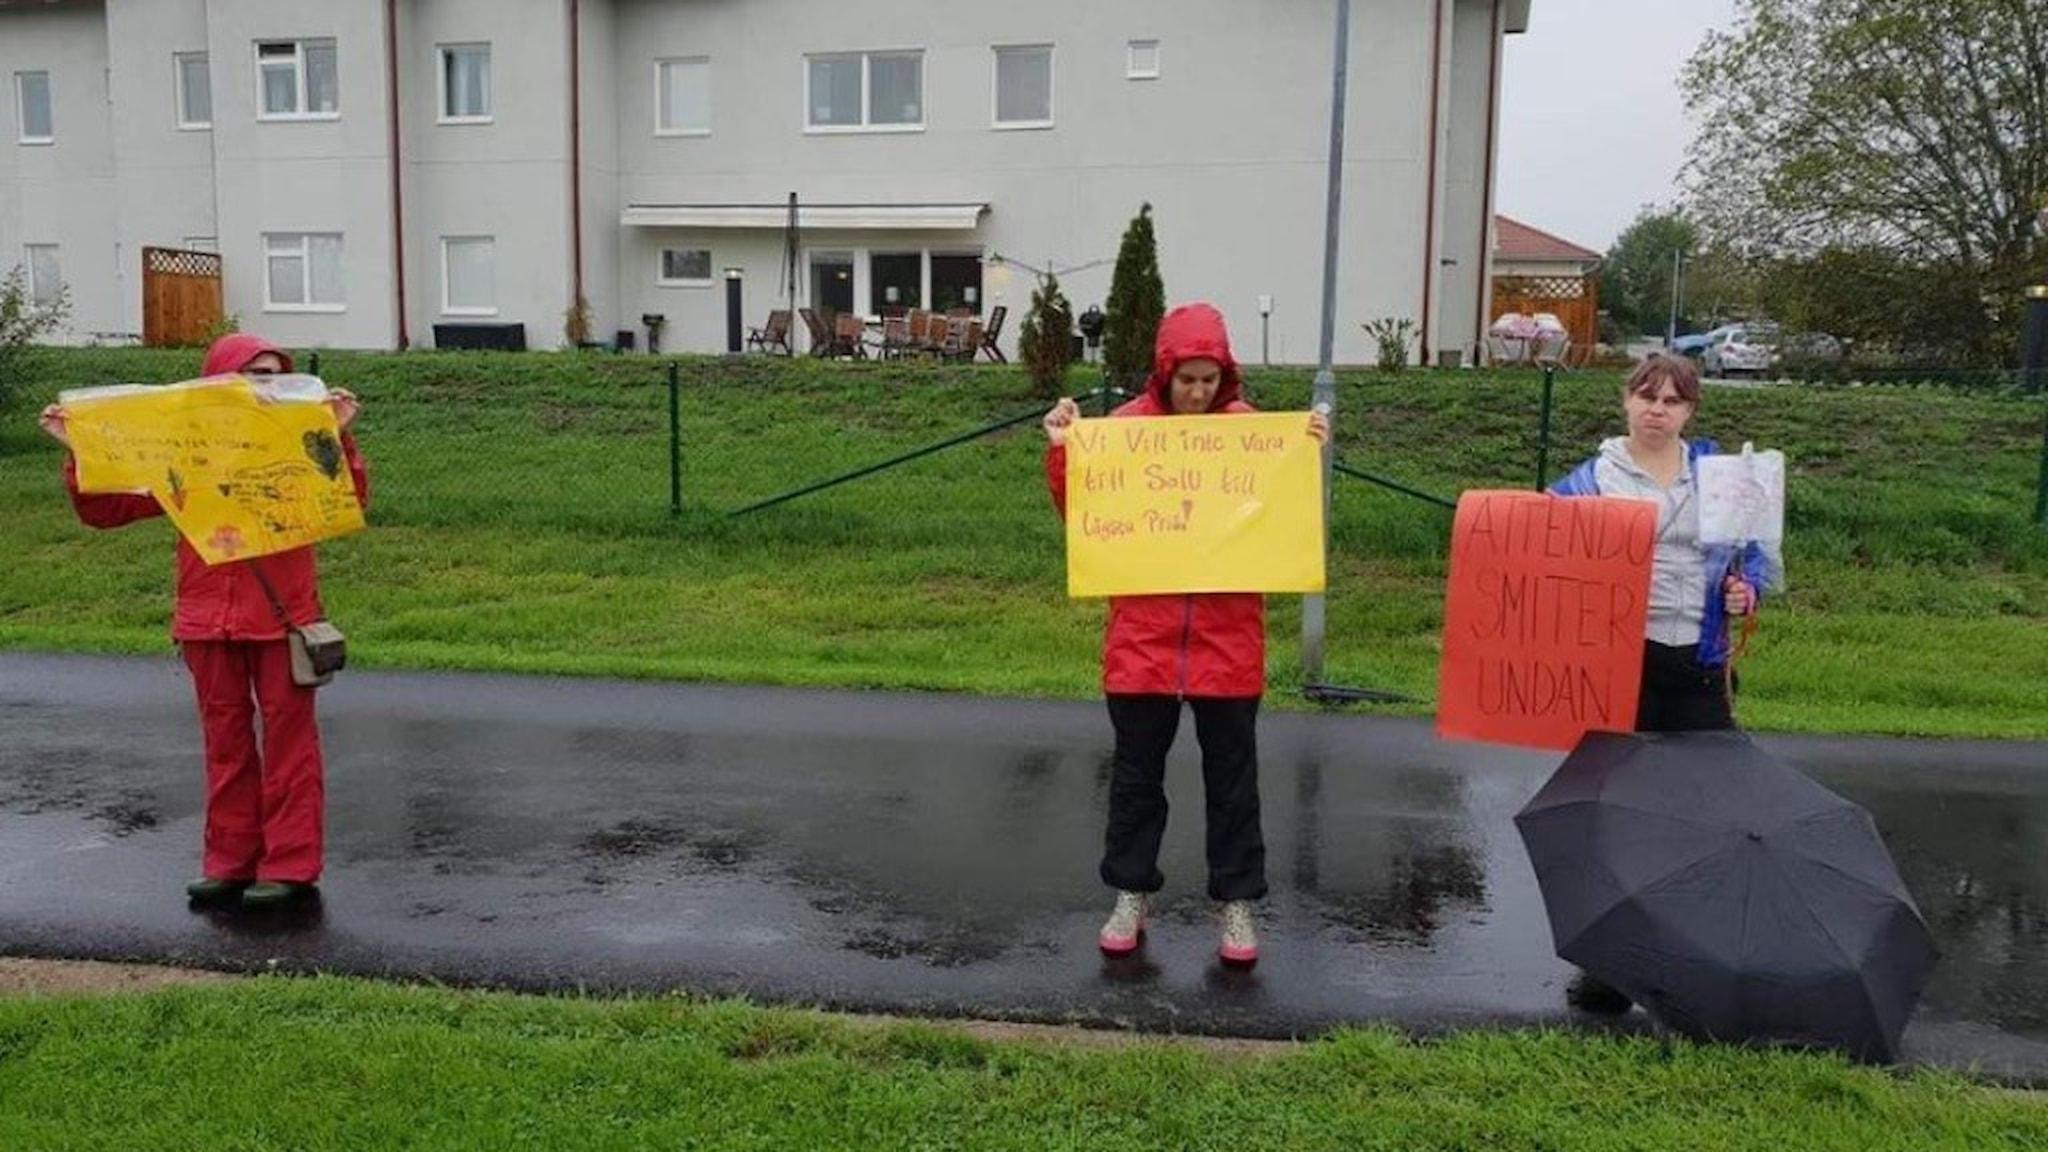 På fotot syns tre personer som håller upp plakat med texter.